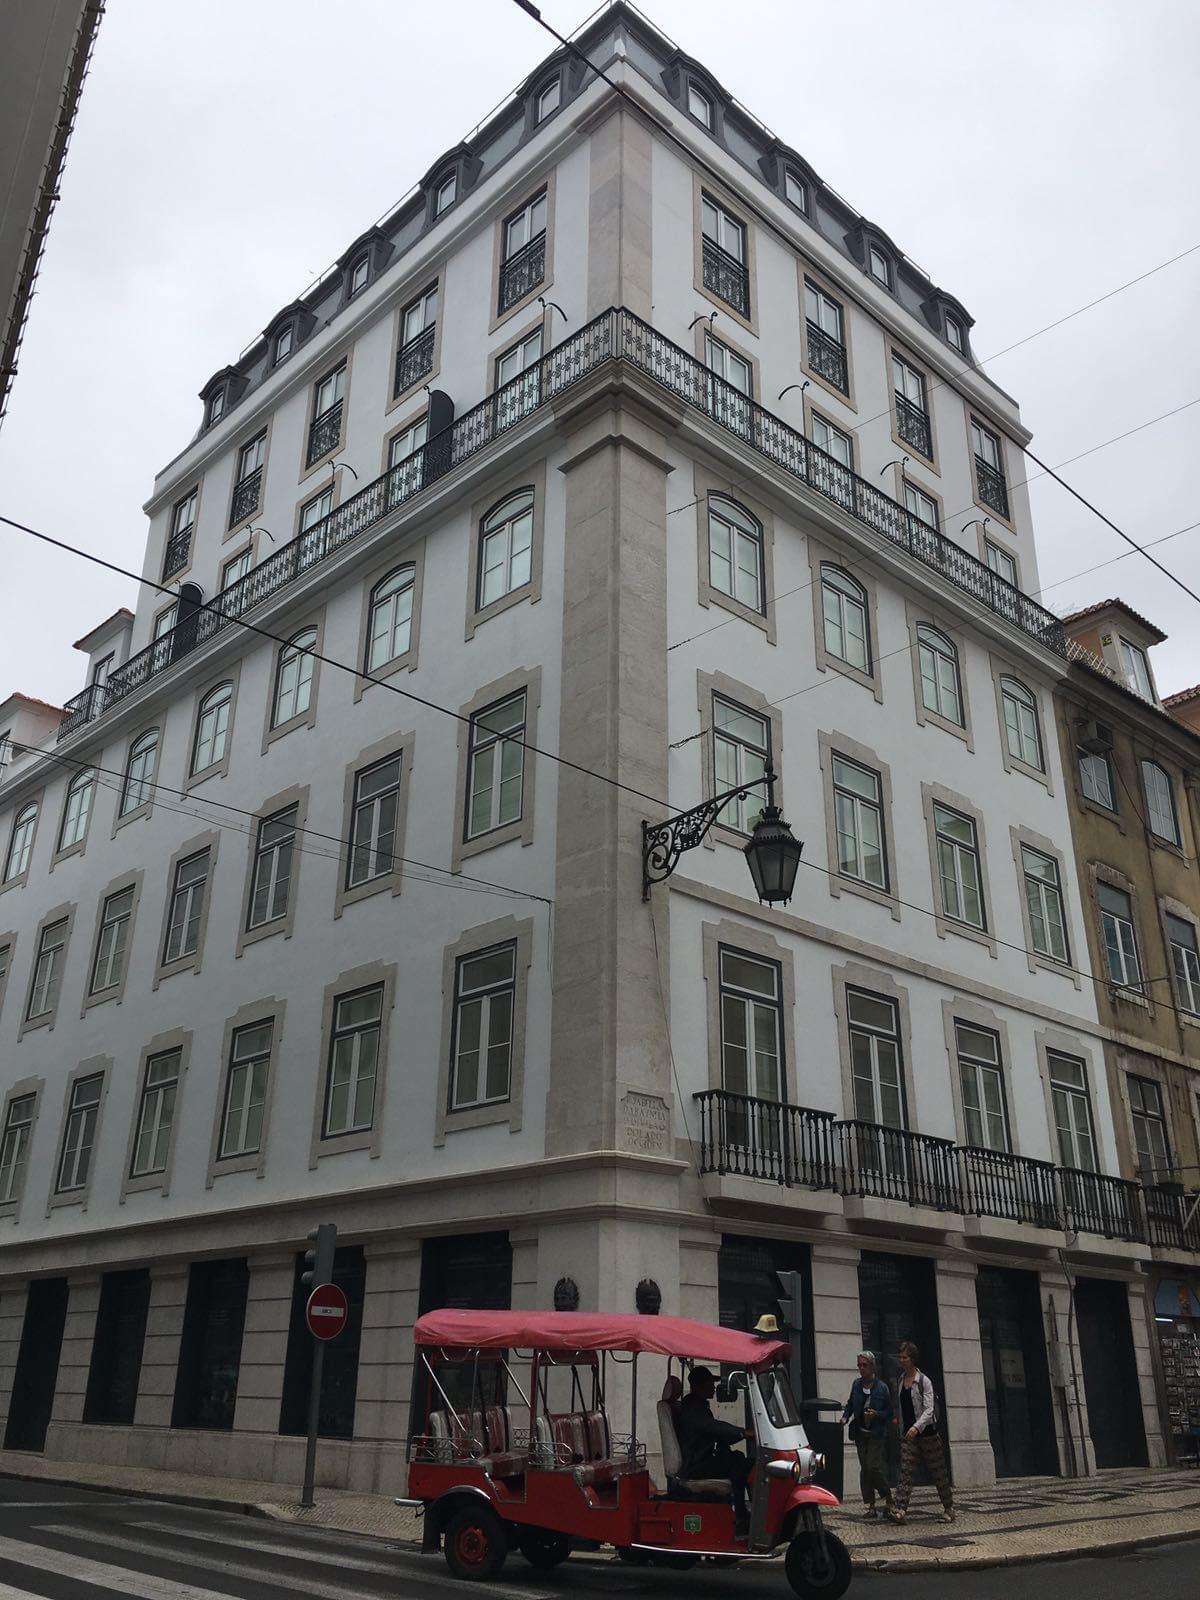 pf17866-apartamento-t1-lisboa-dd02ffae-00c9-4b8d-ae79-600d304ff508